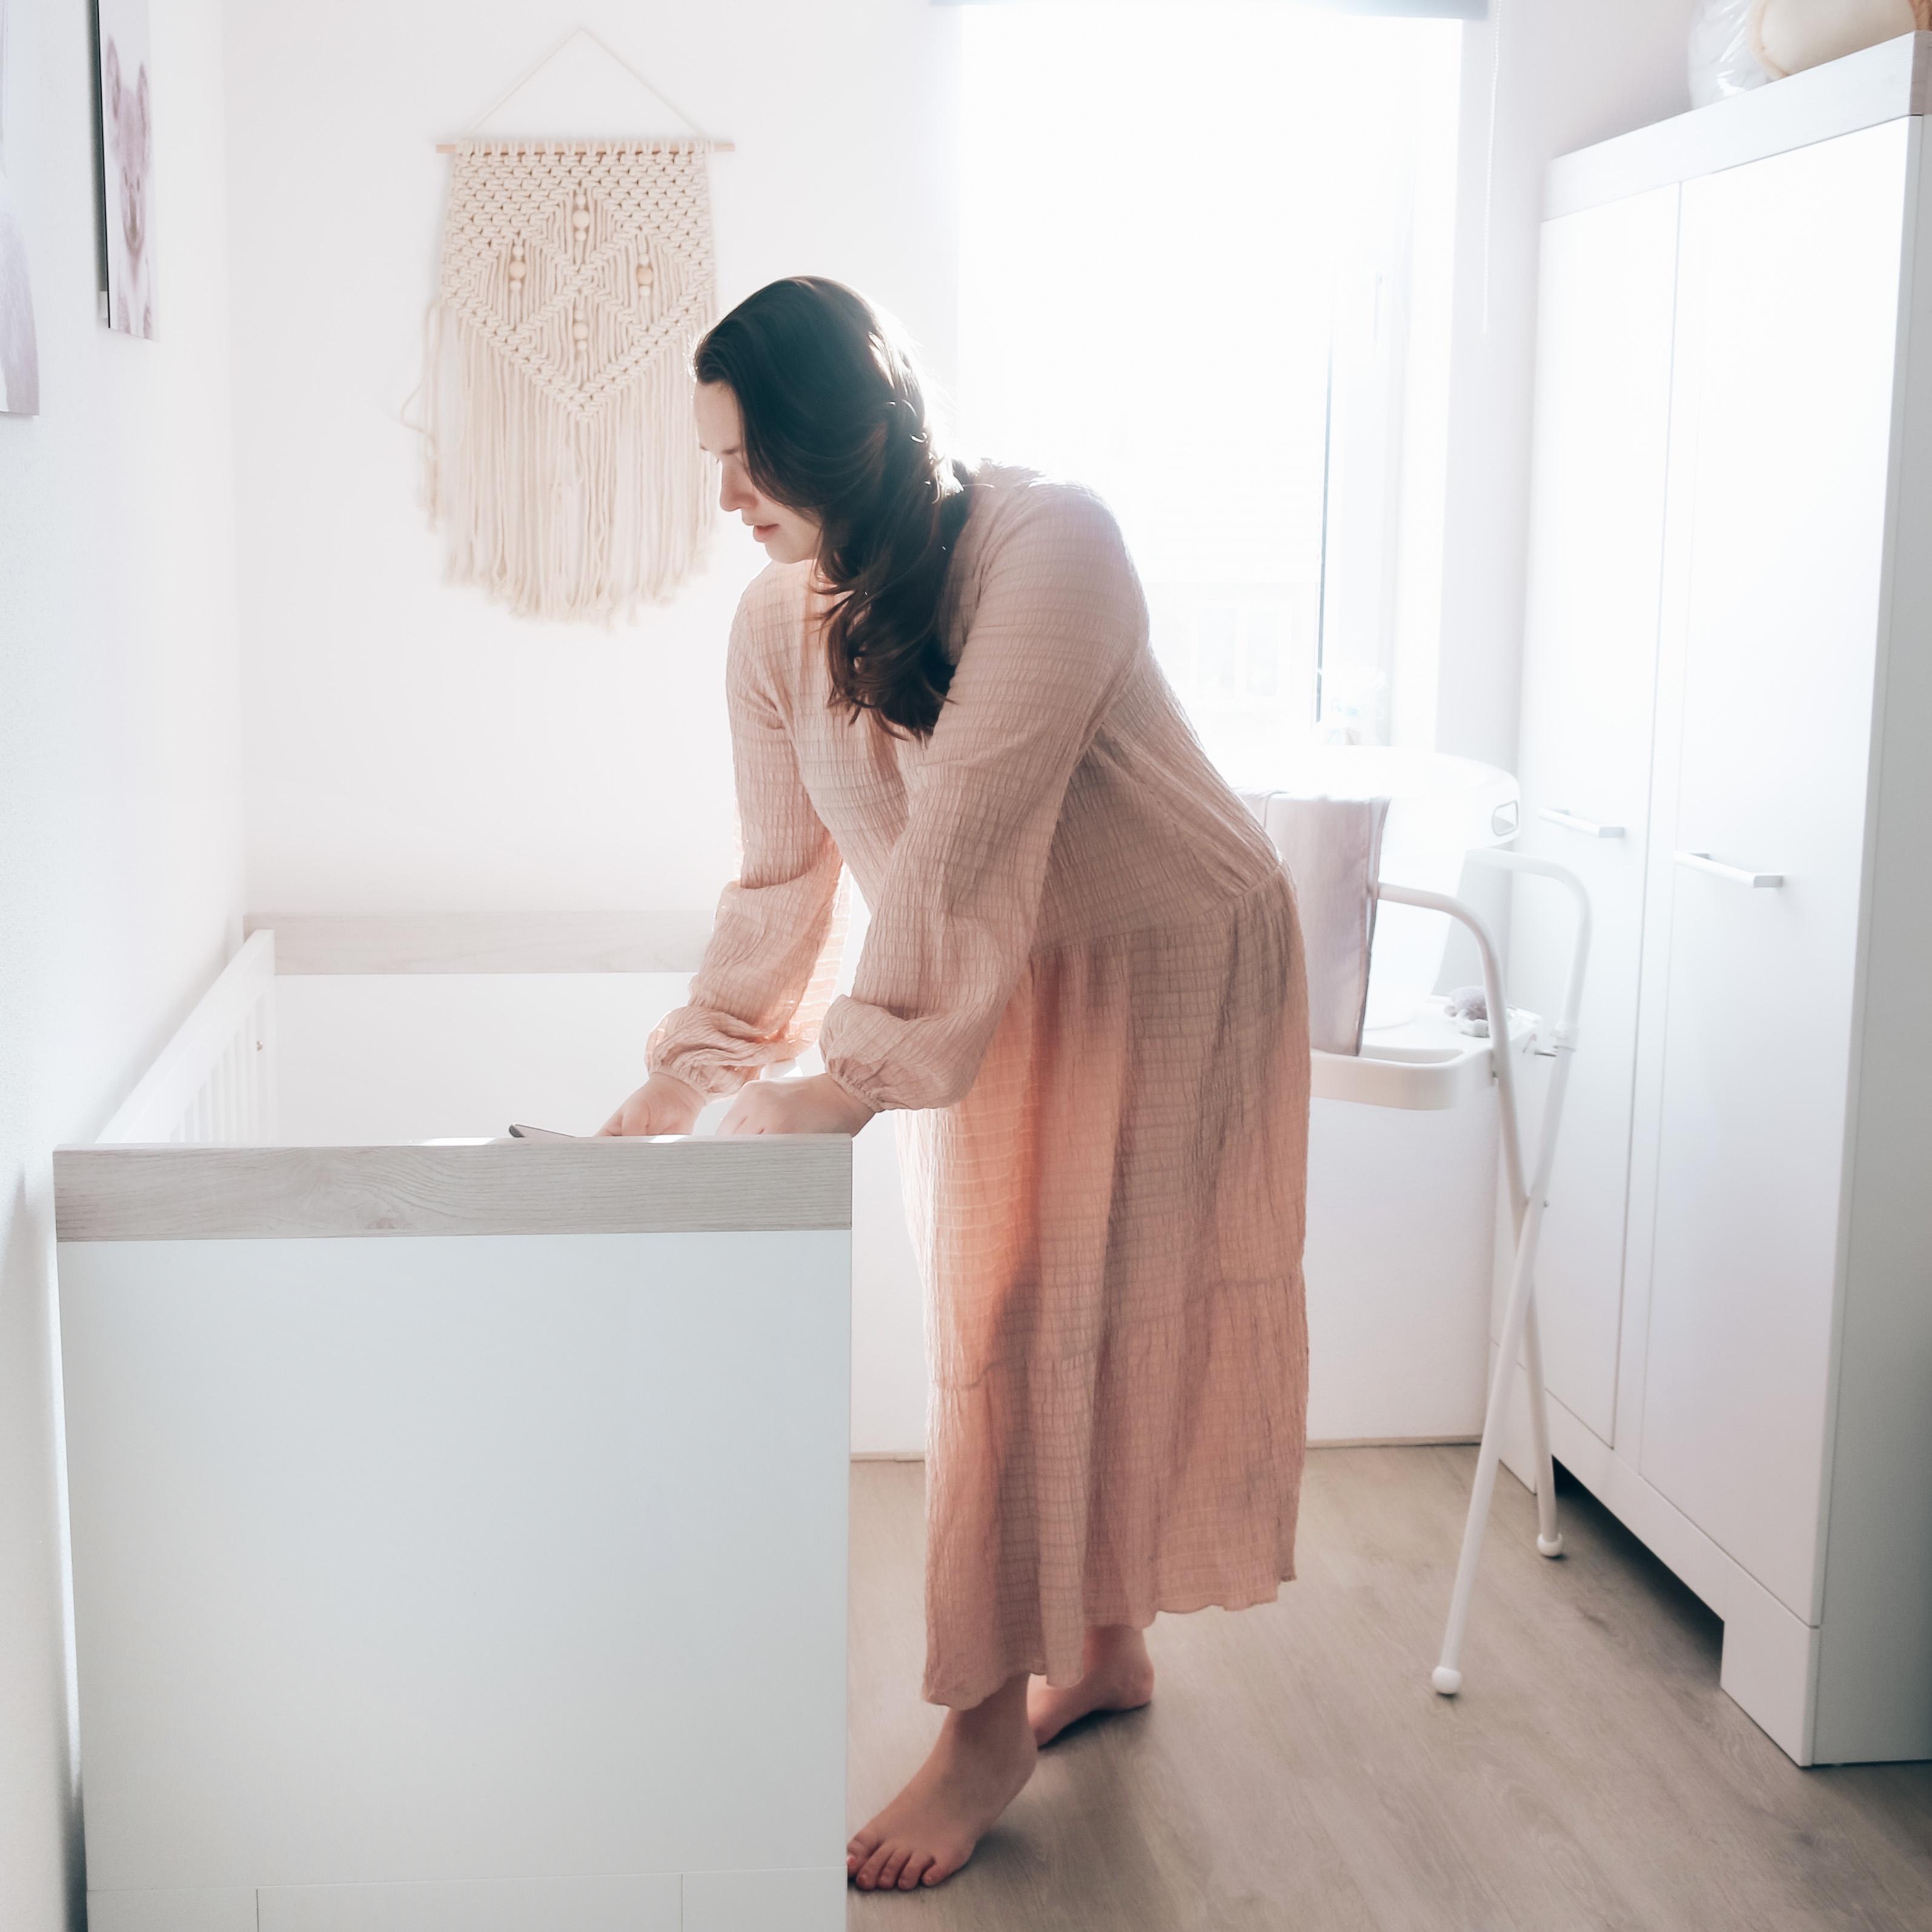 ontzwangeren kleding shoppen